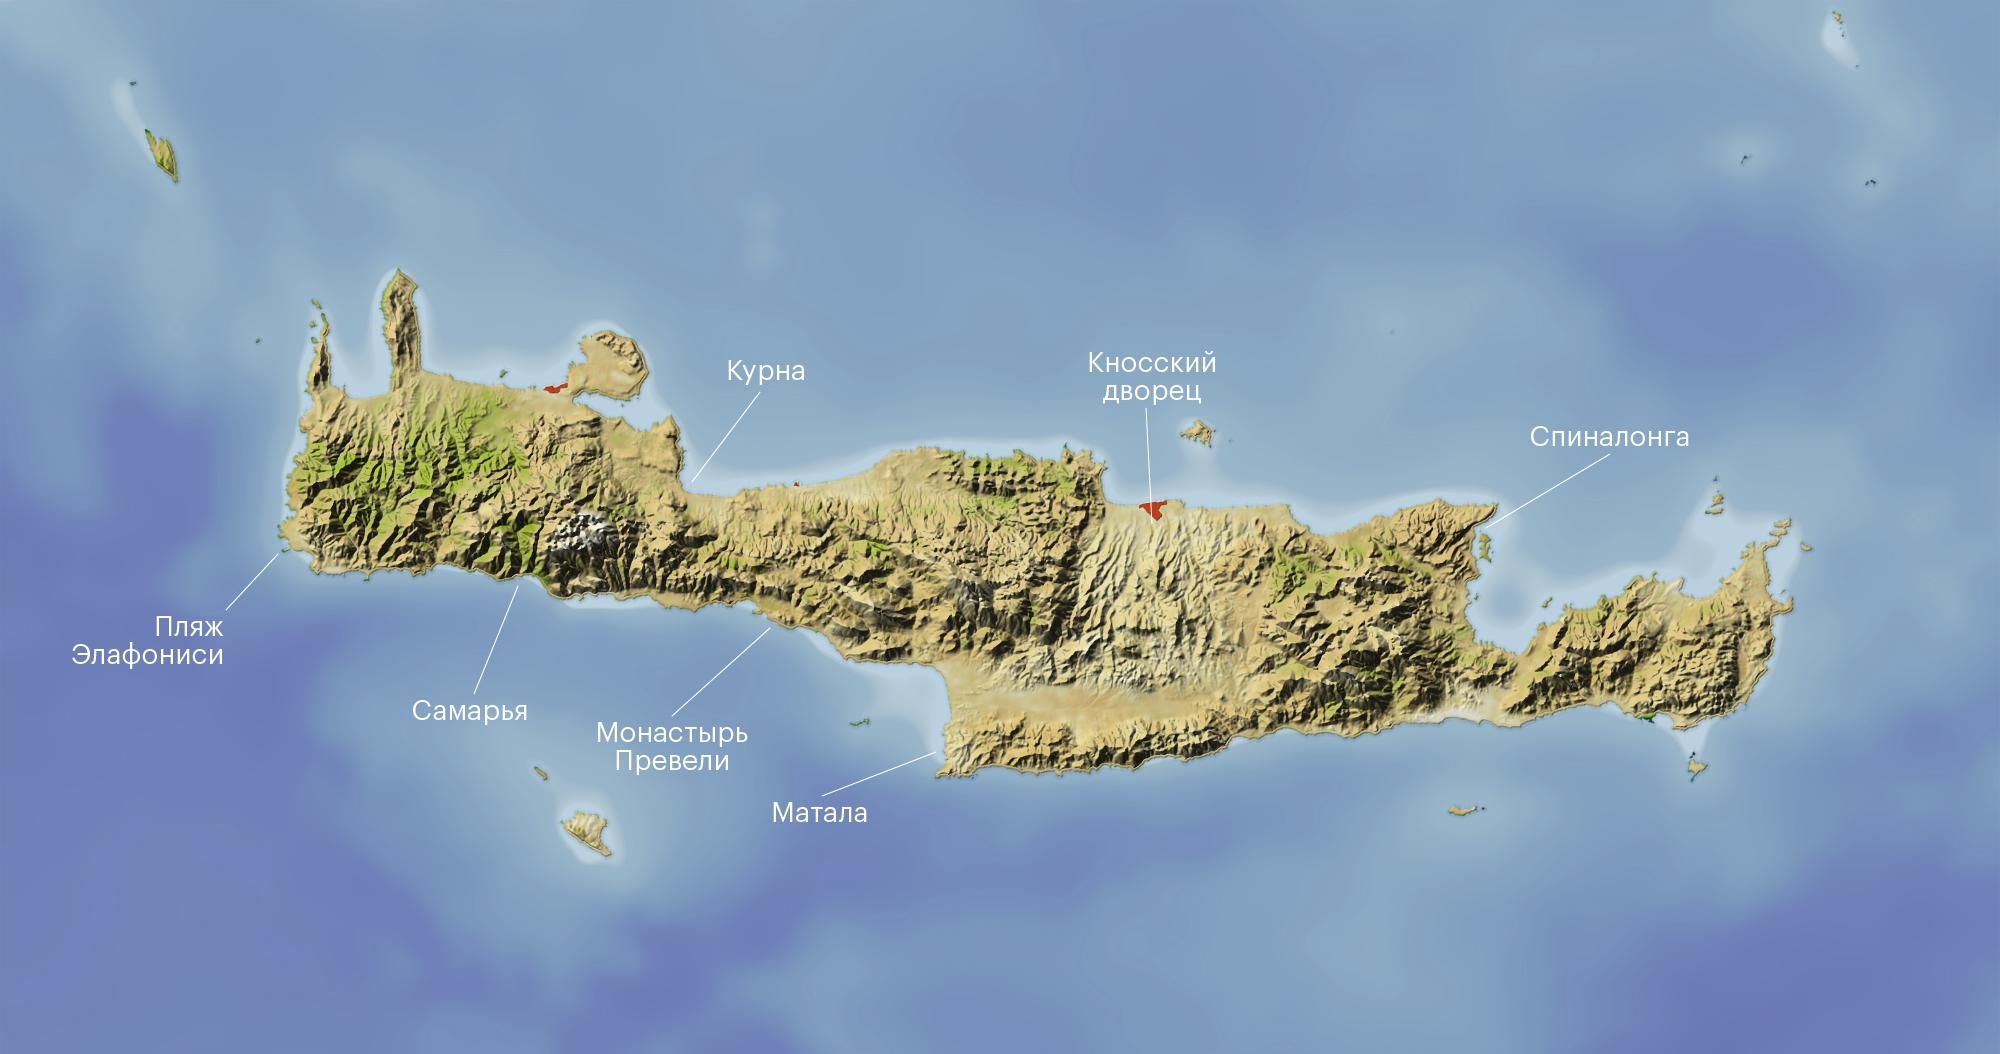 На карте отмечены все перечисленные в разделе достопримечательности